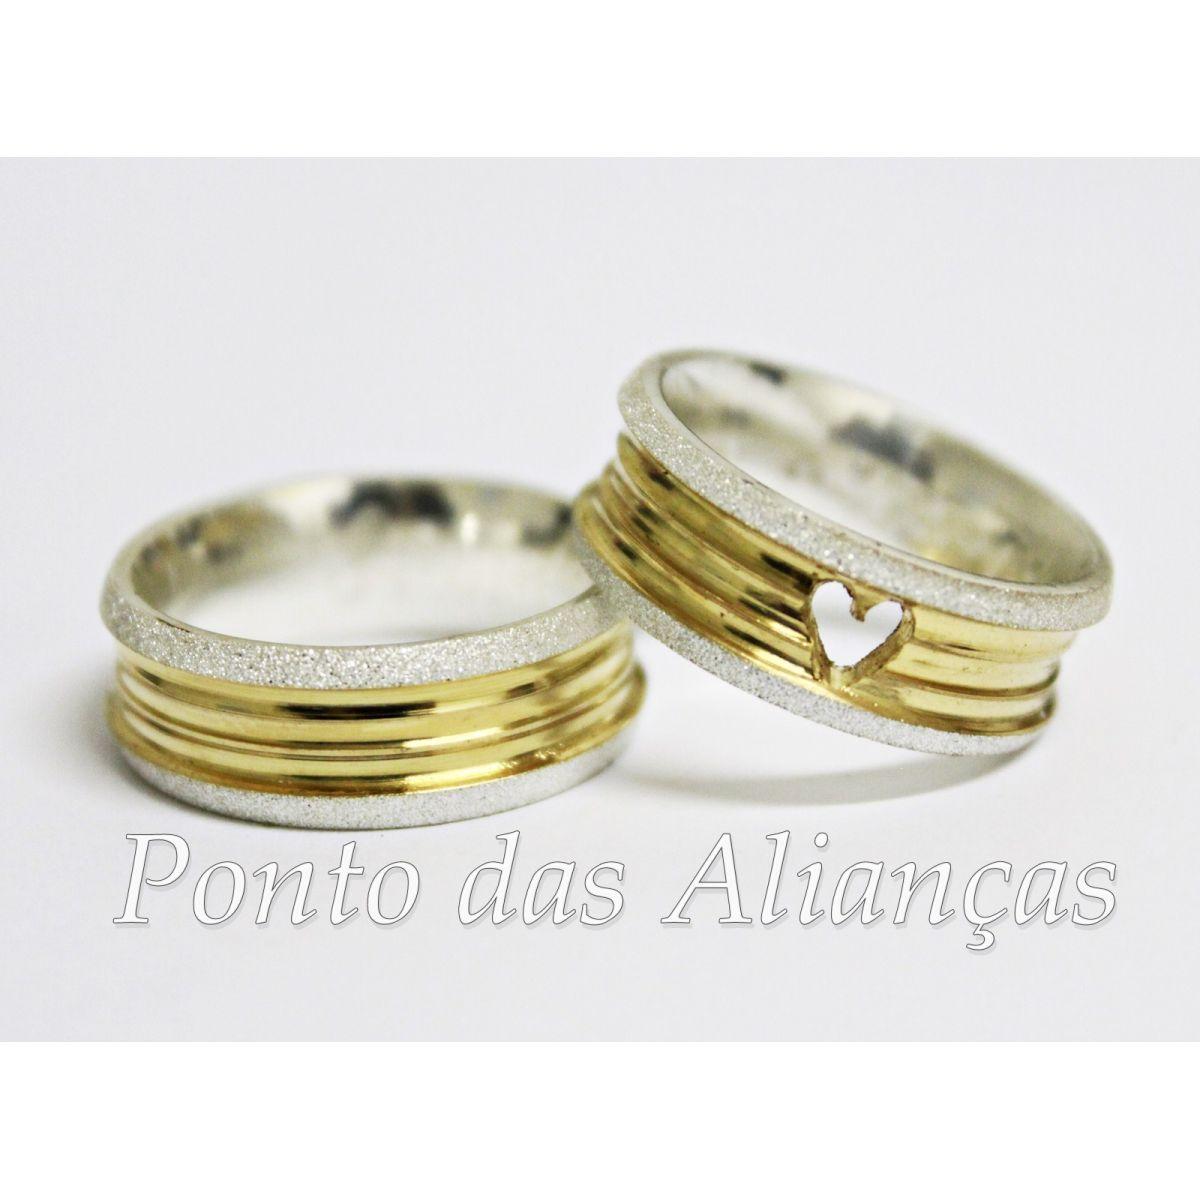 Alianças de Prata Compromisso - Noivado 548